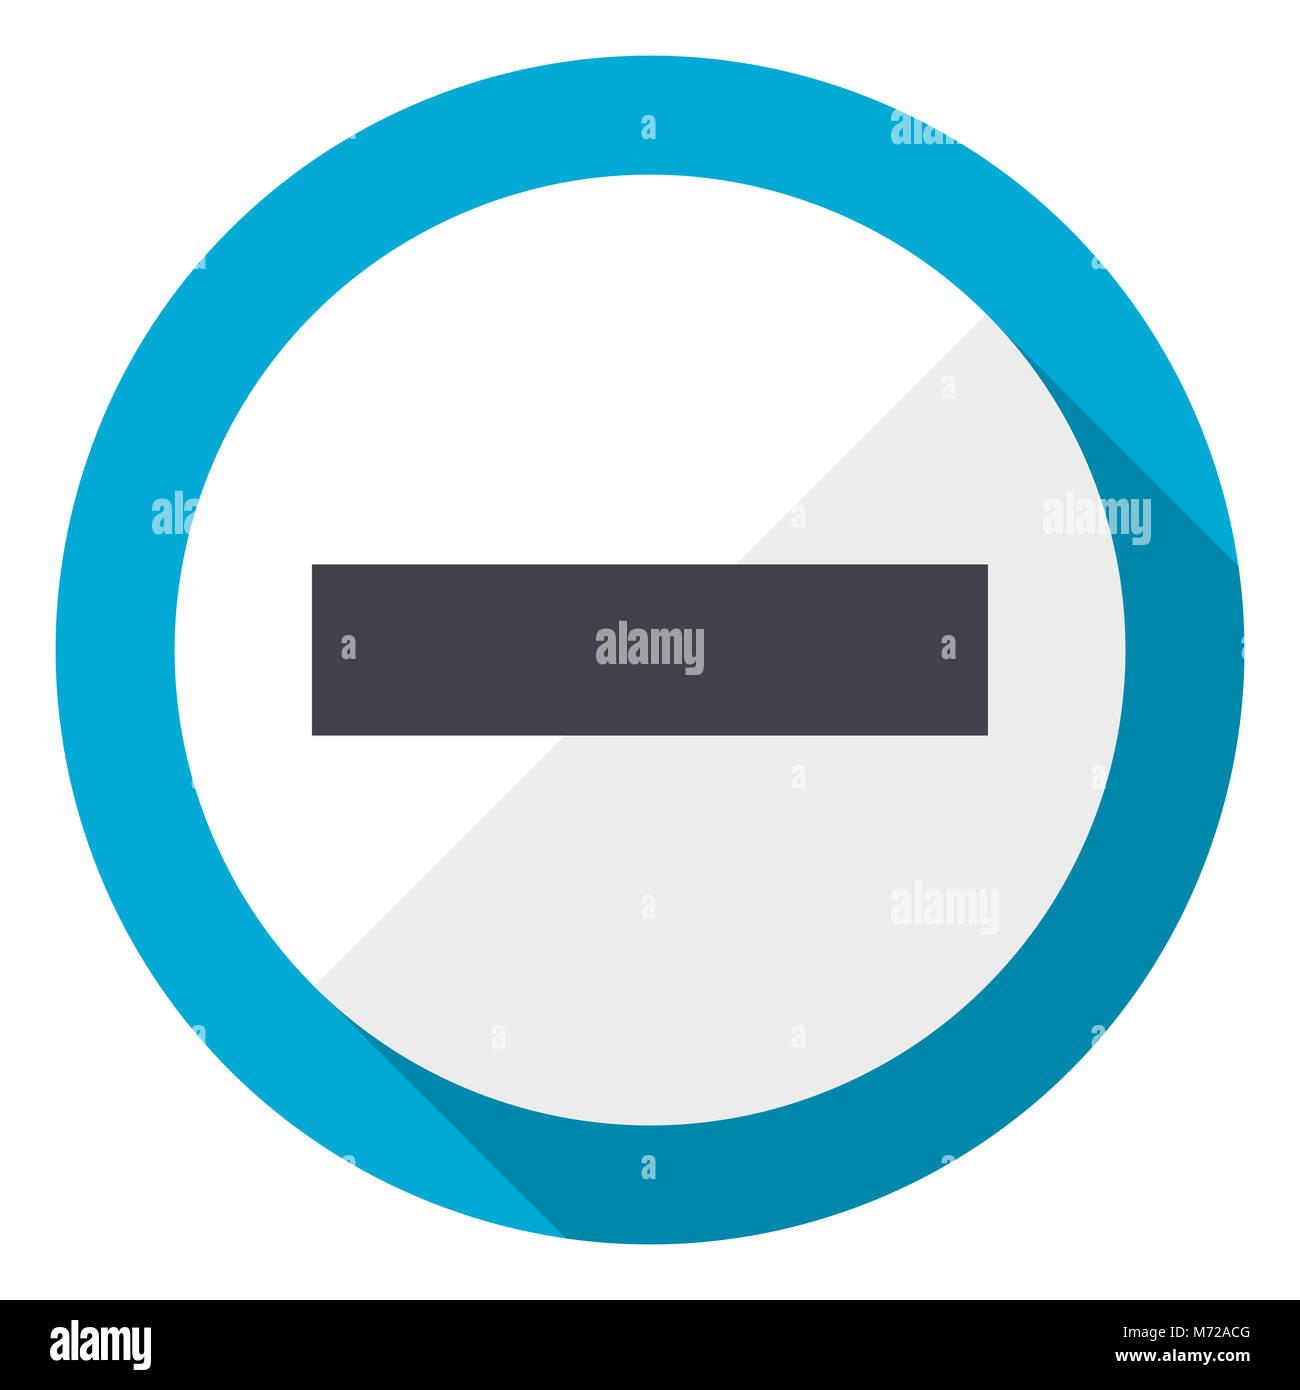 Logo android stock photos logo android stock images alamy minus blue flat design web icon stock image buycottarizona